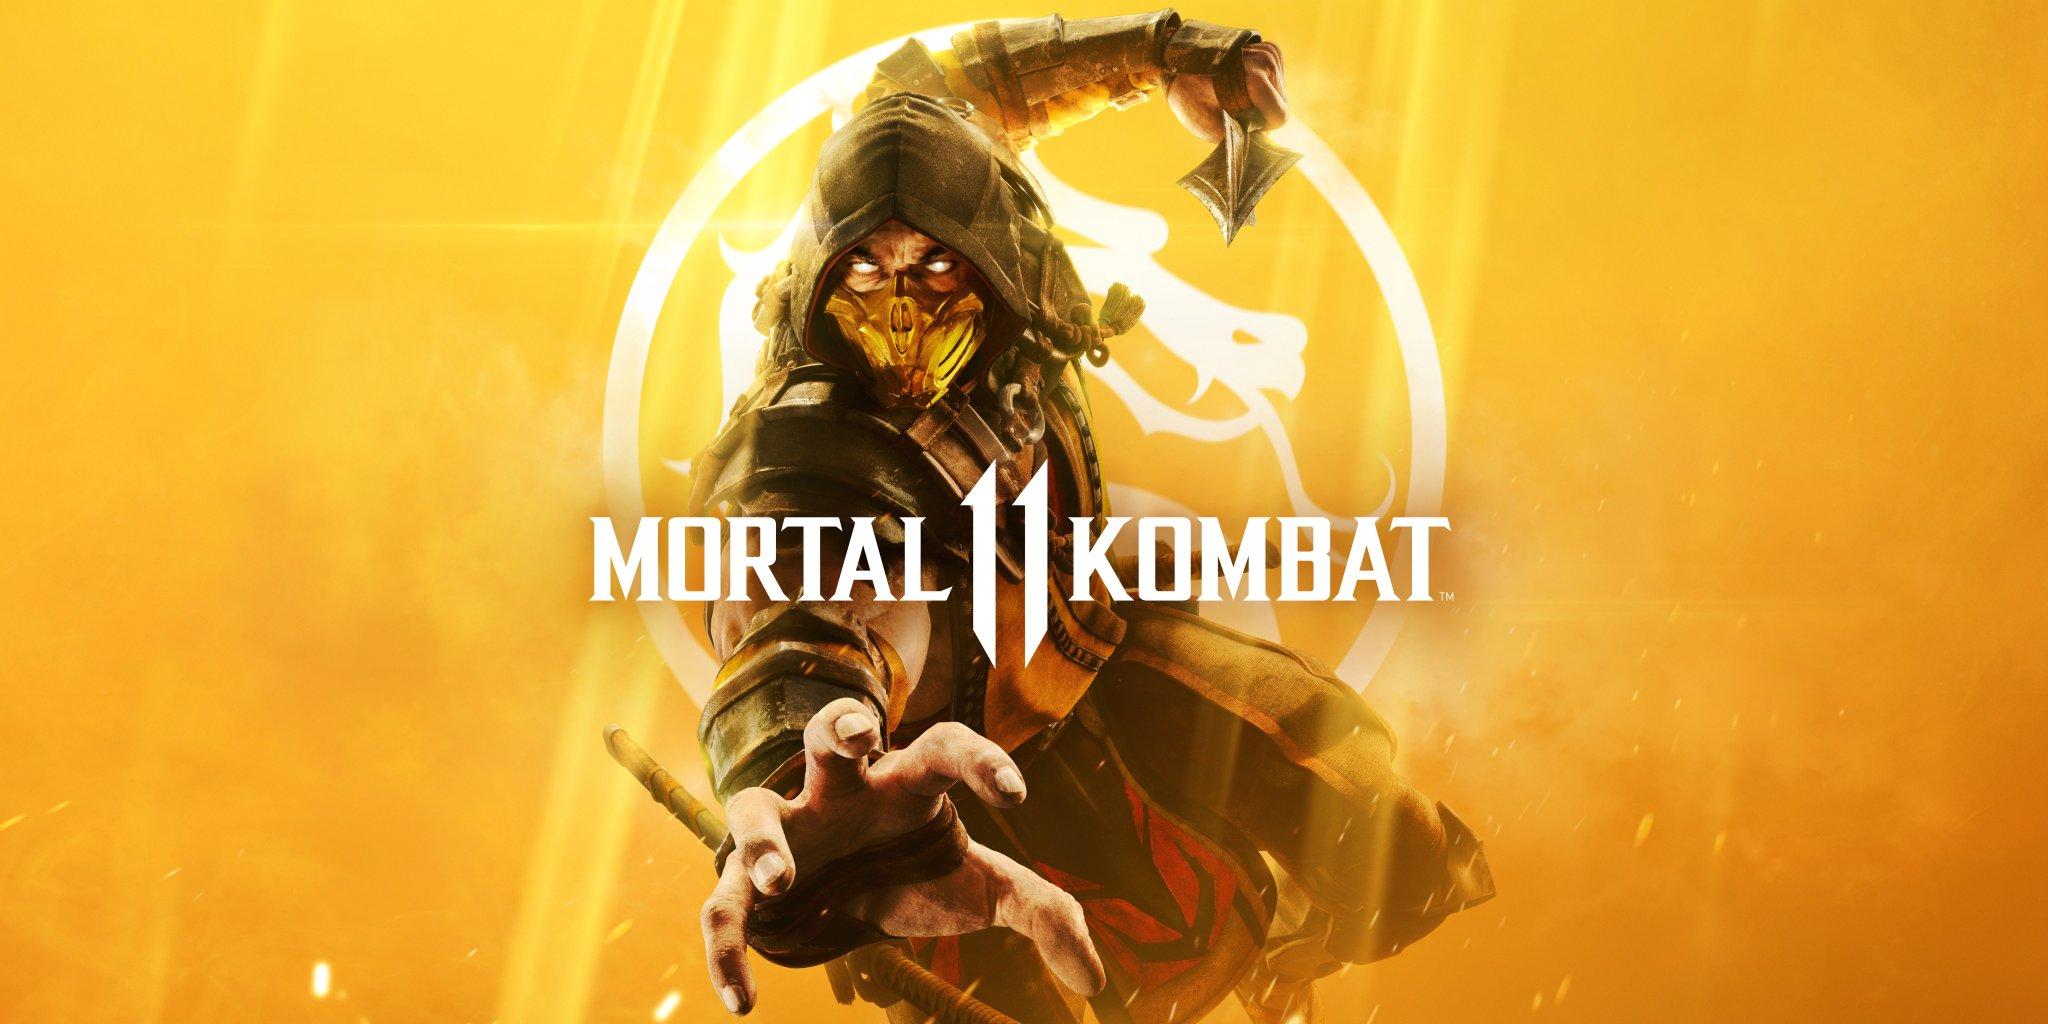 Mortal Kombat 11 - Tout savoir sur le jeu